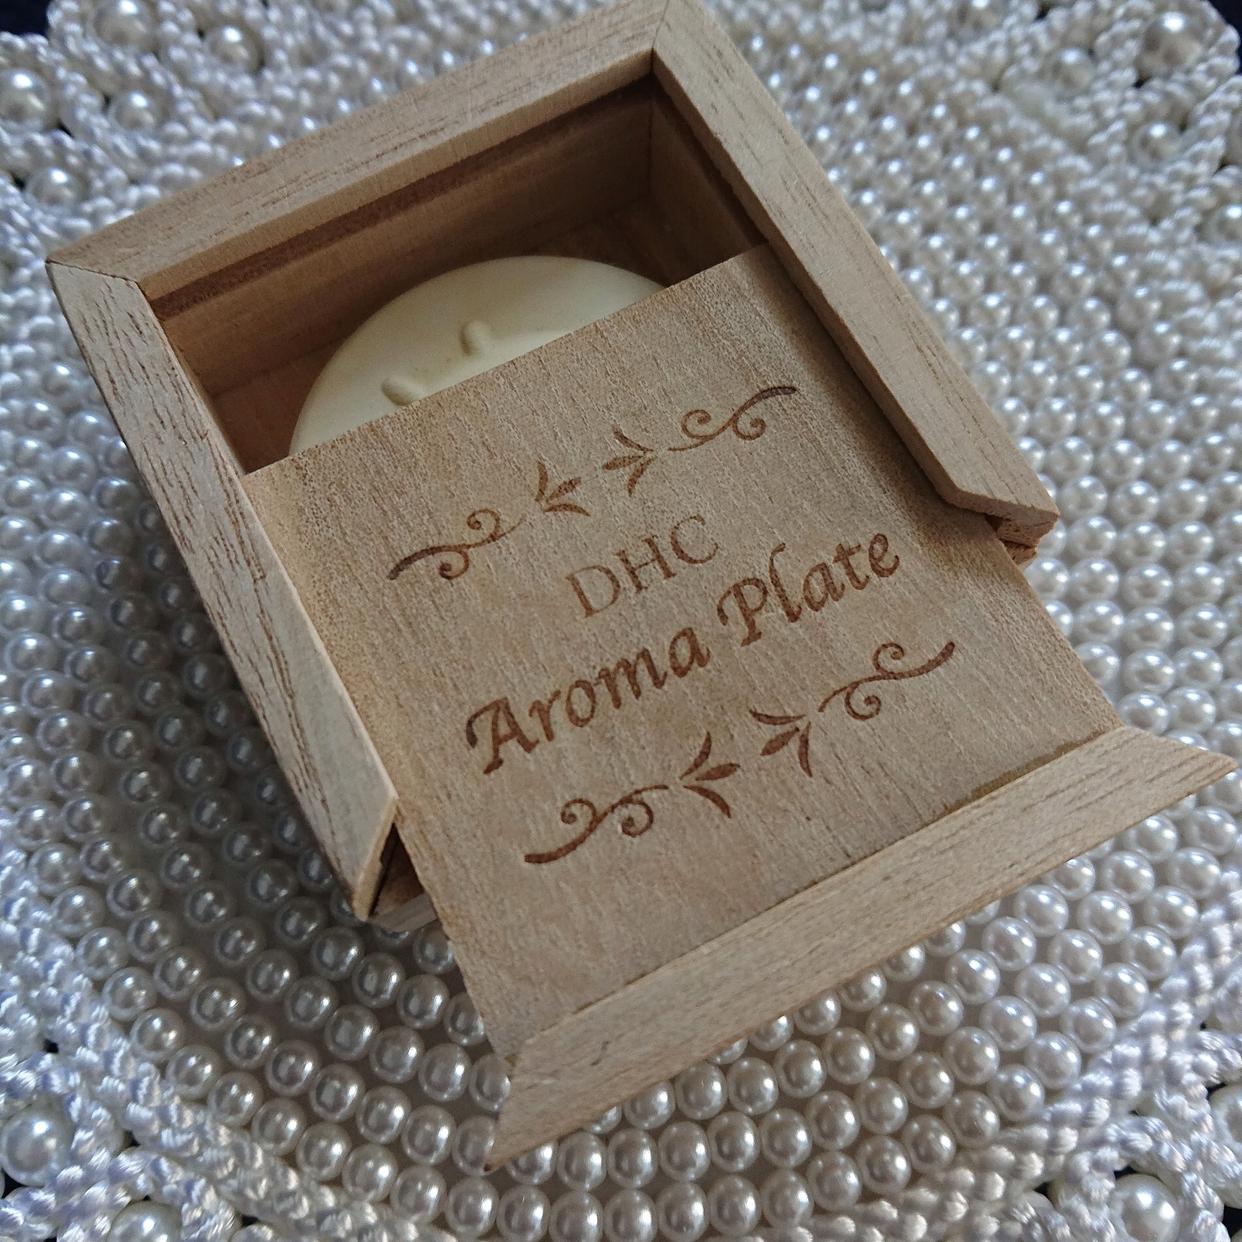 DHC(ディーエイチシー) アロマ プレート (素焼き) ローズを使ったにるさんのクチコミ画像1